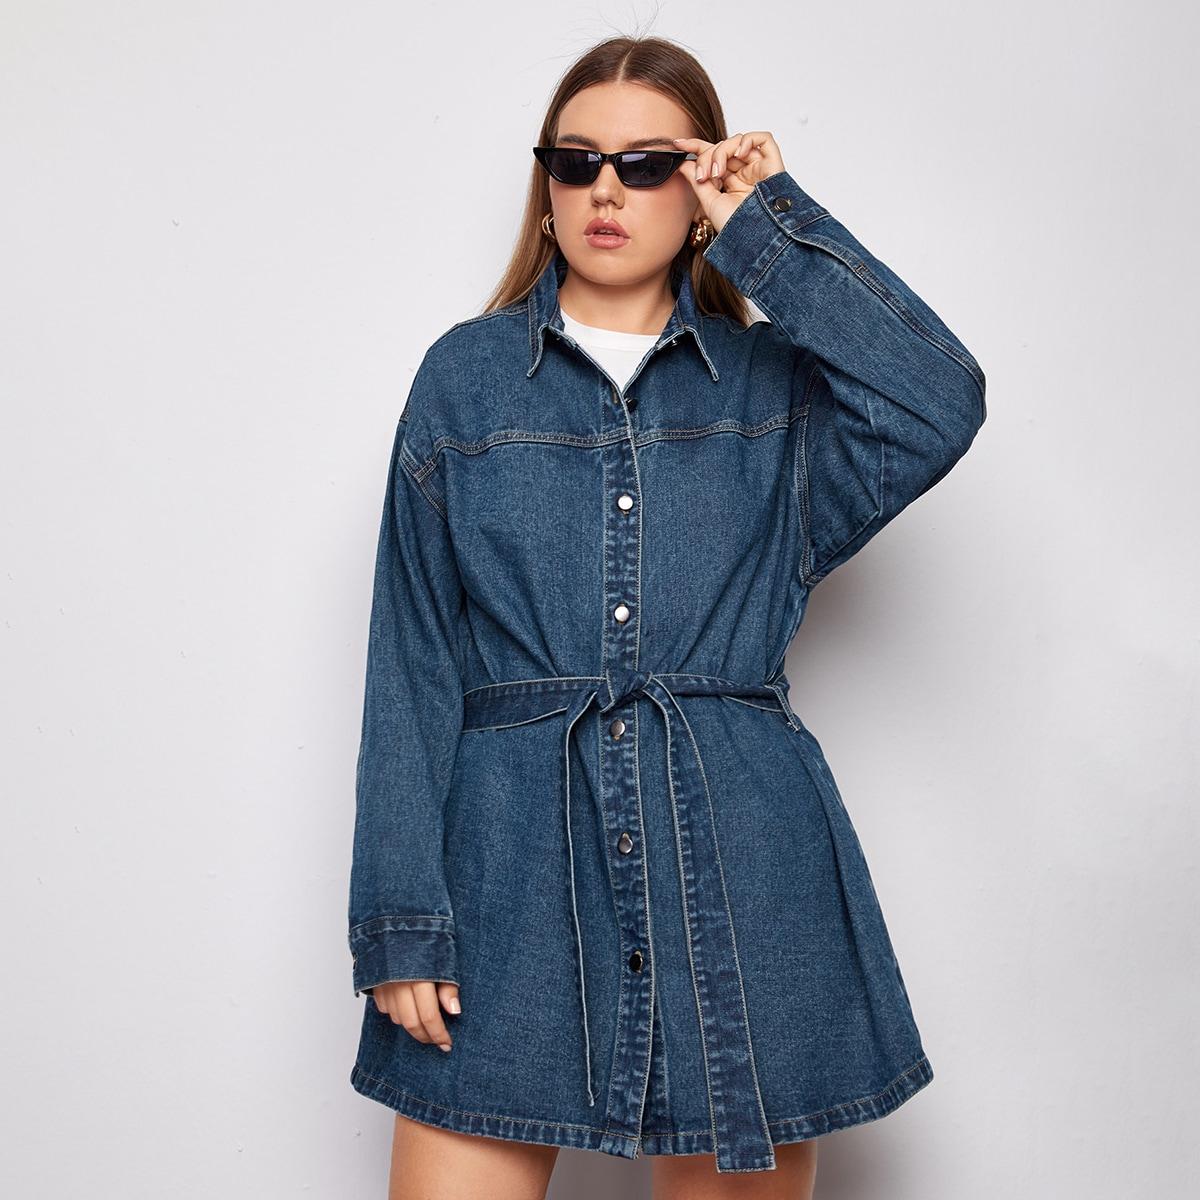 Джинсовая куртка размера плюс с пуговицами и поясом